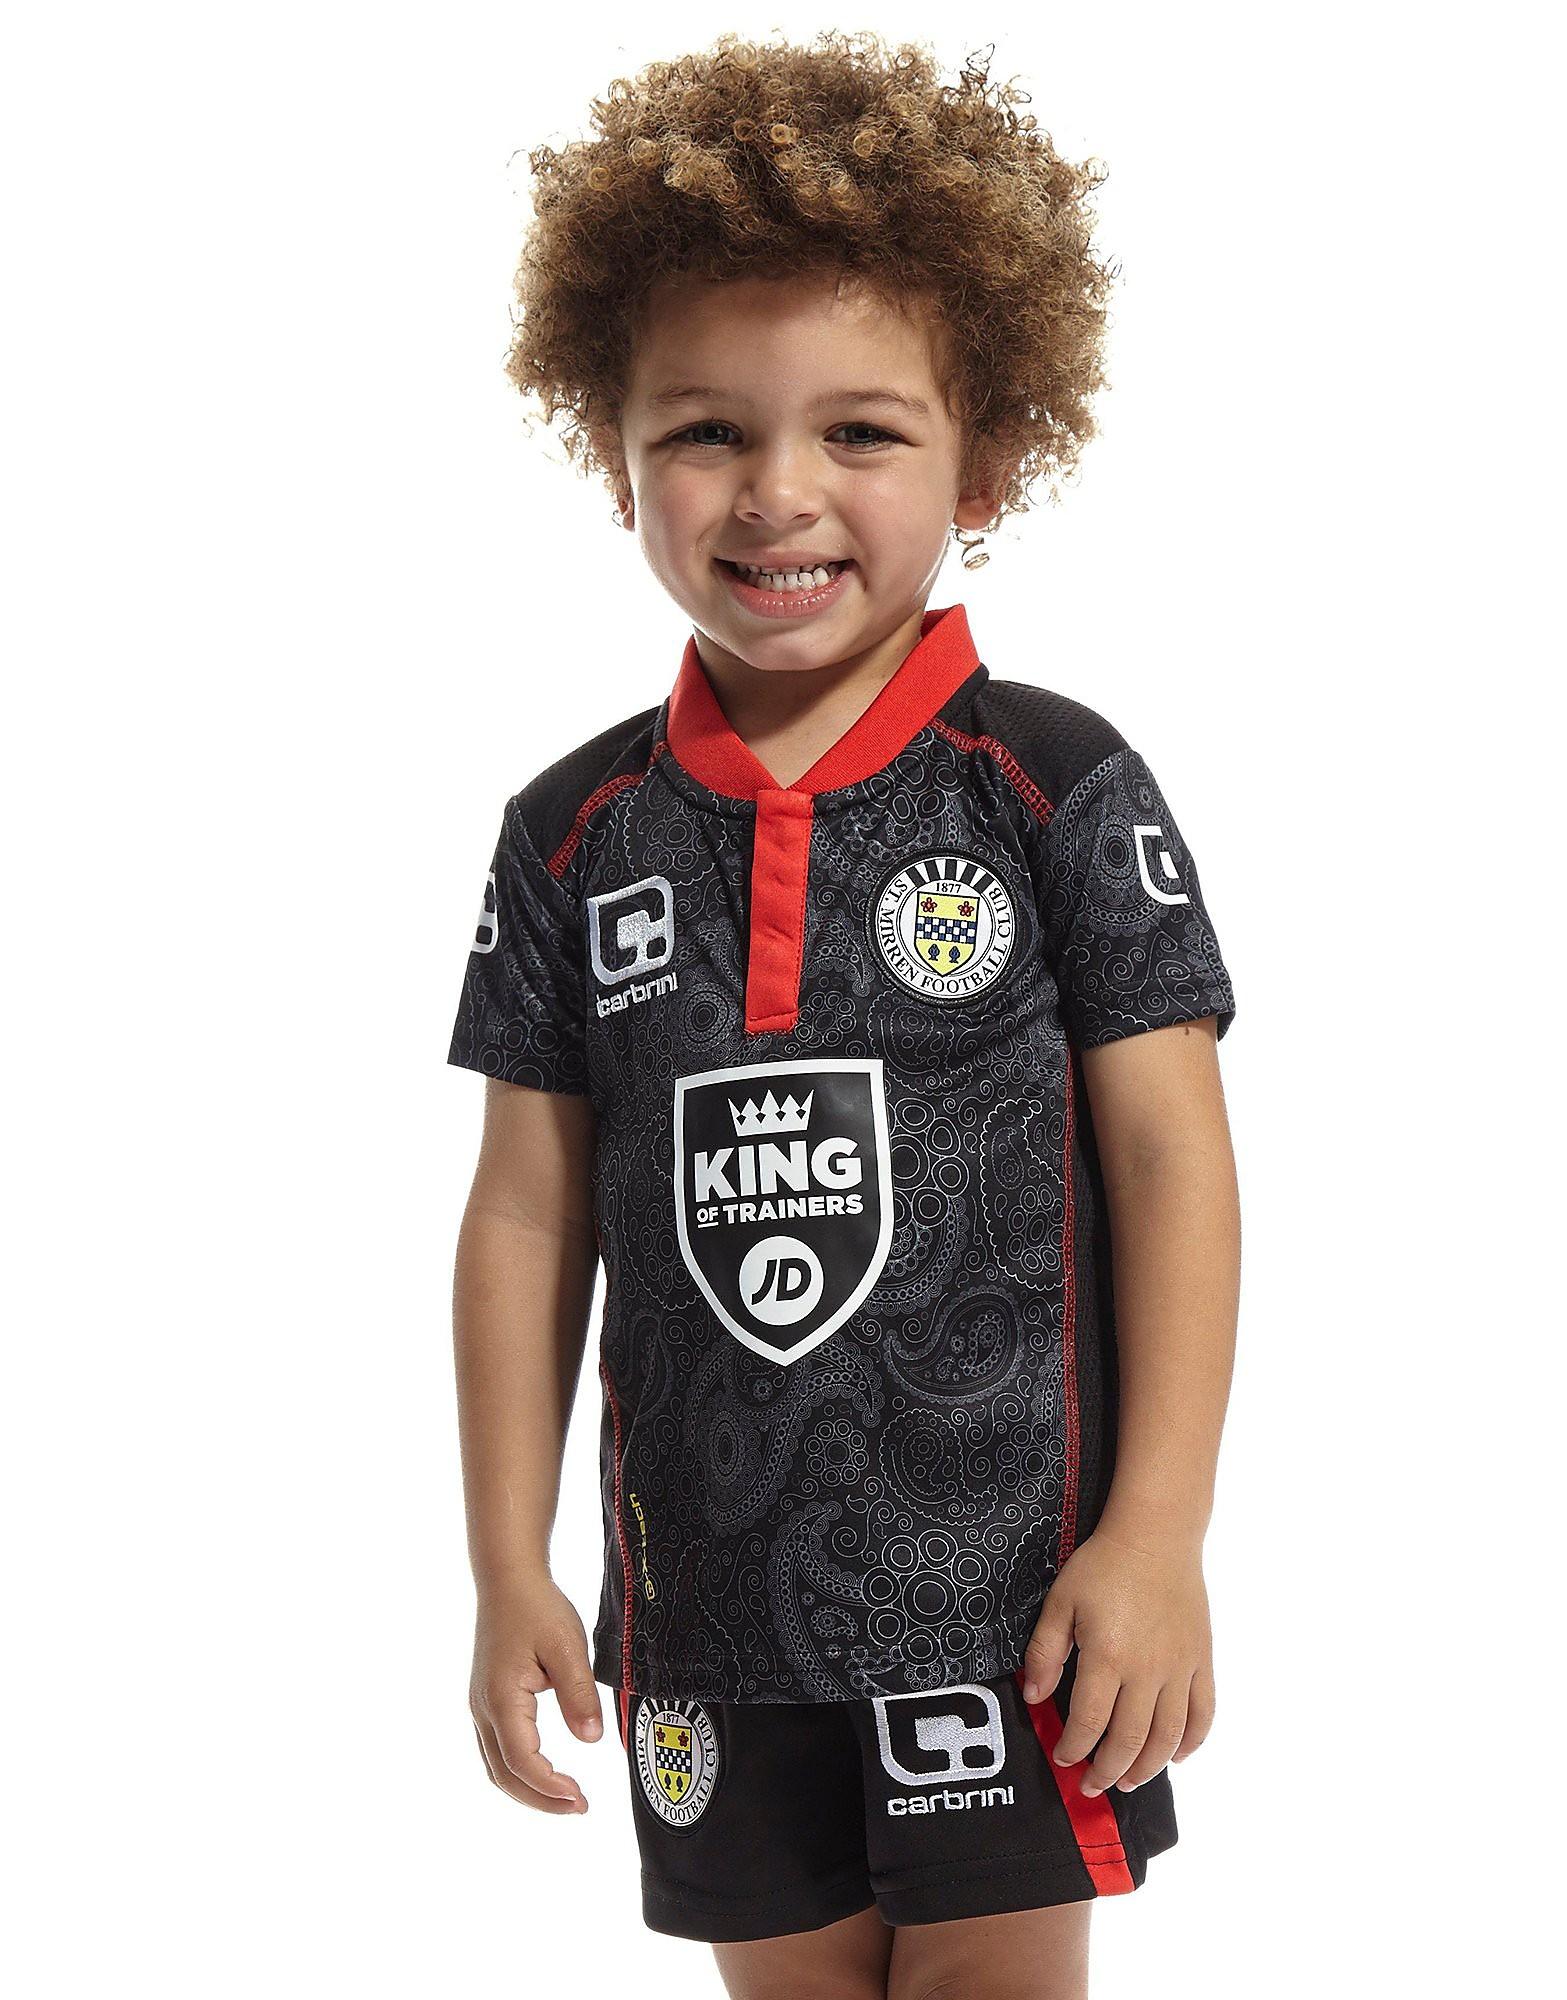 Carbrini St. Mirren Away 2016/17 Kit Infant